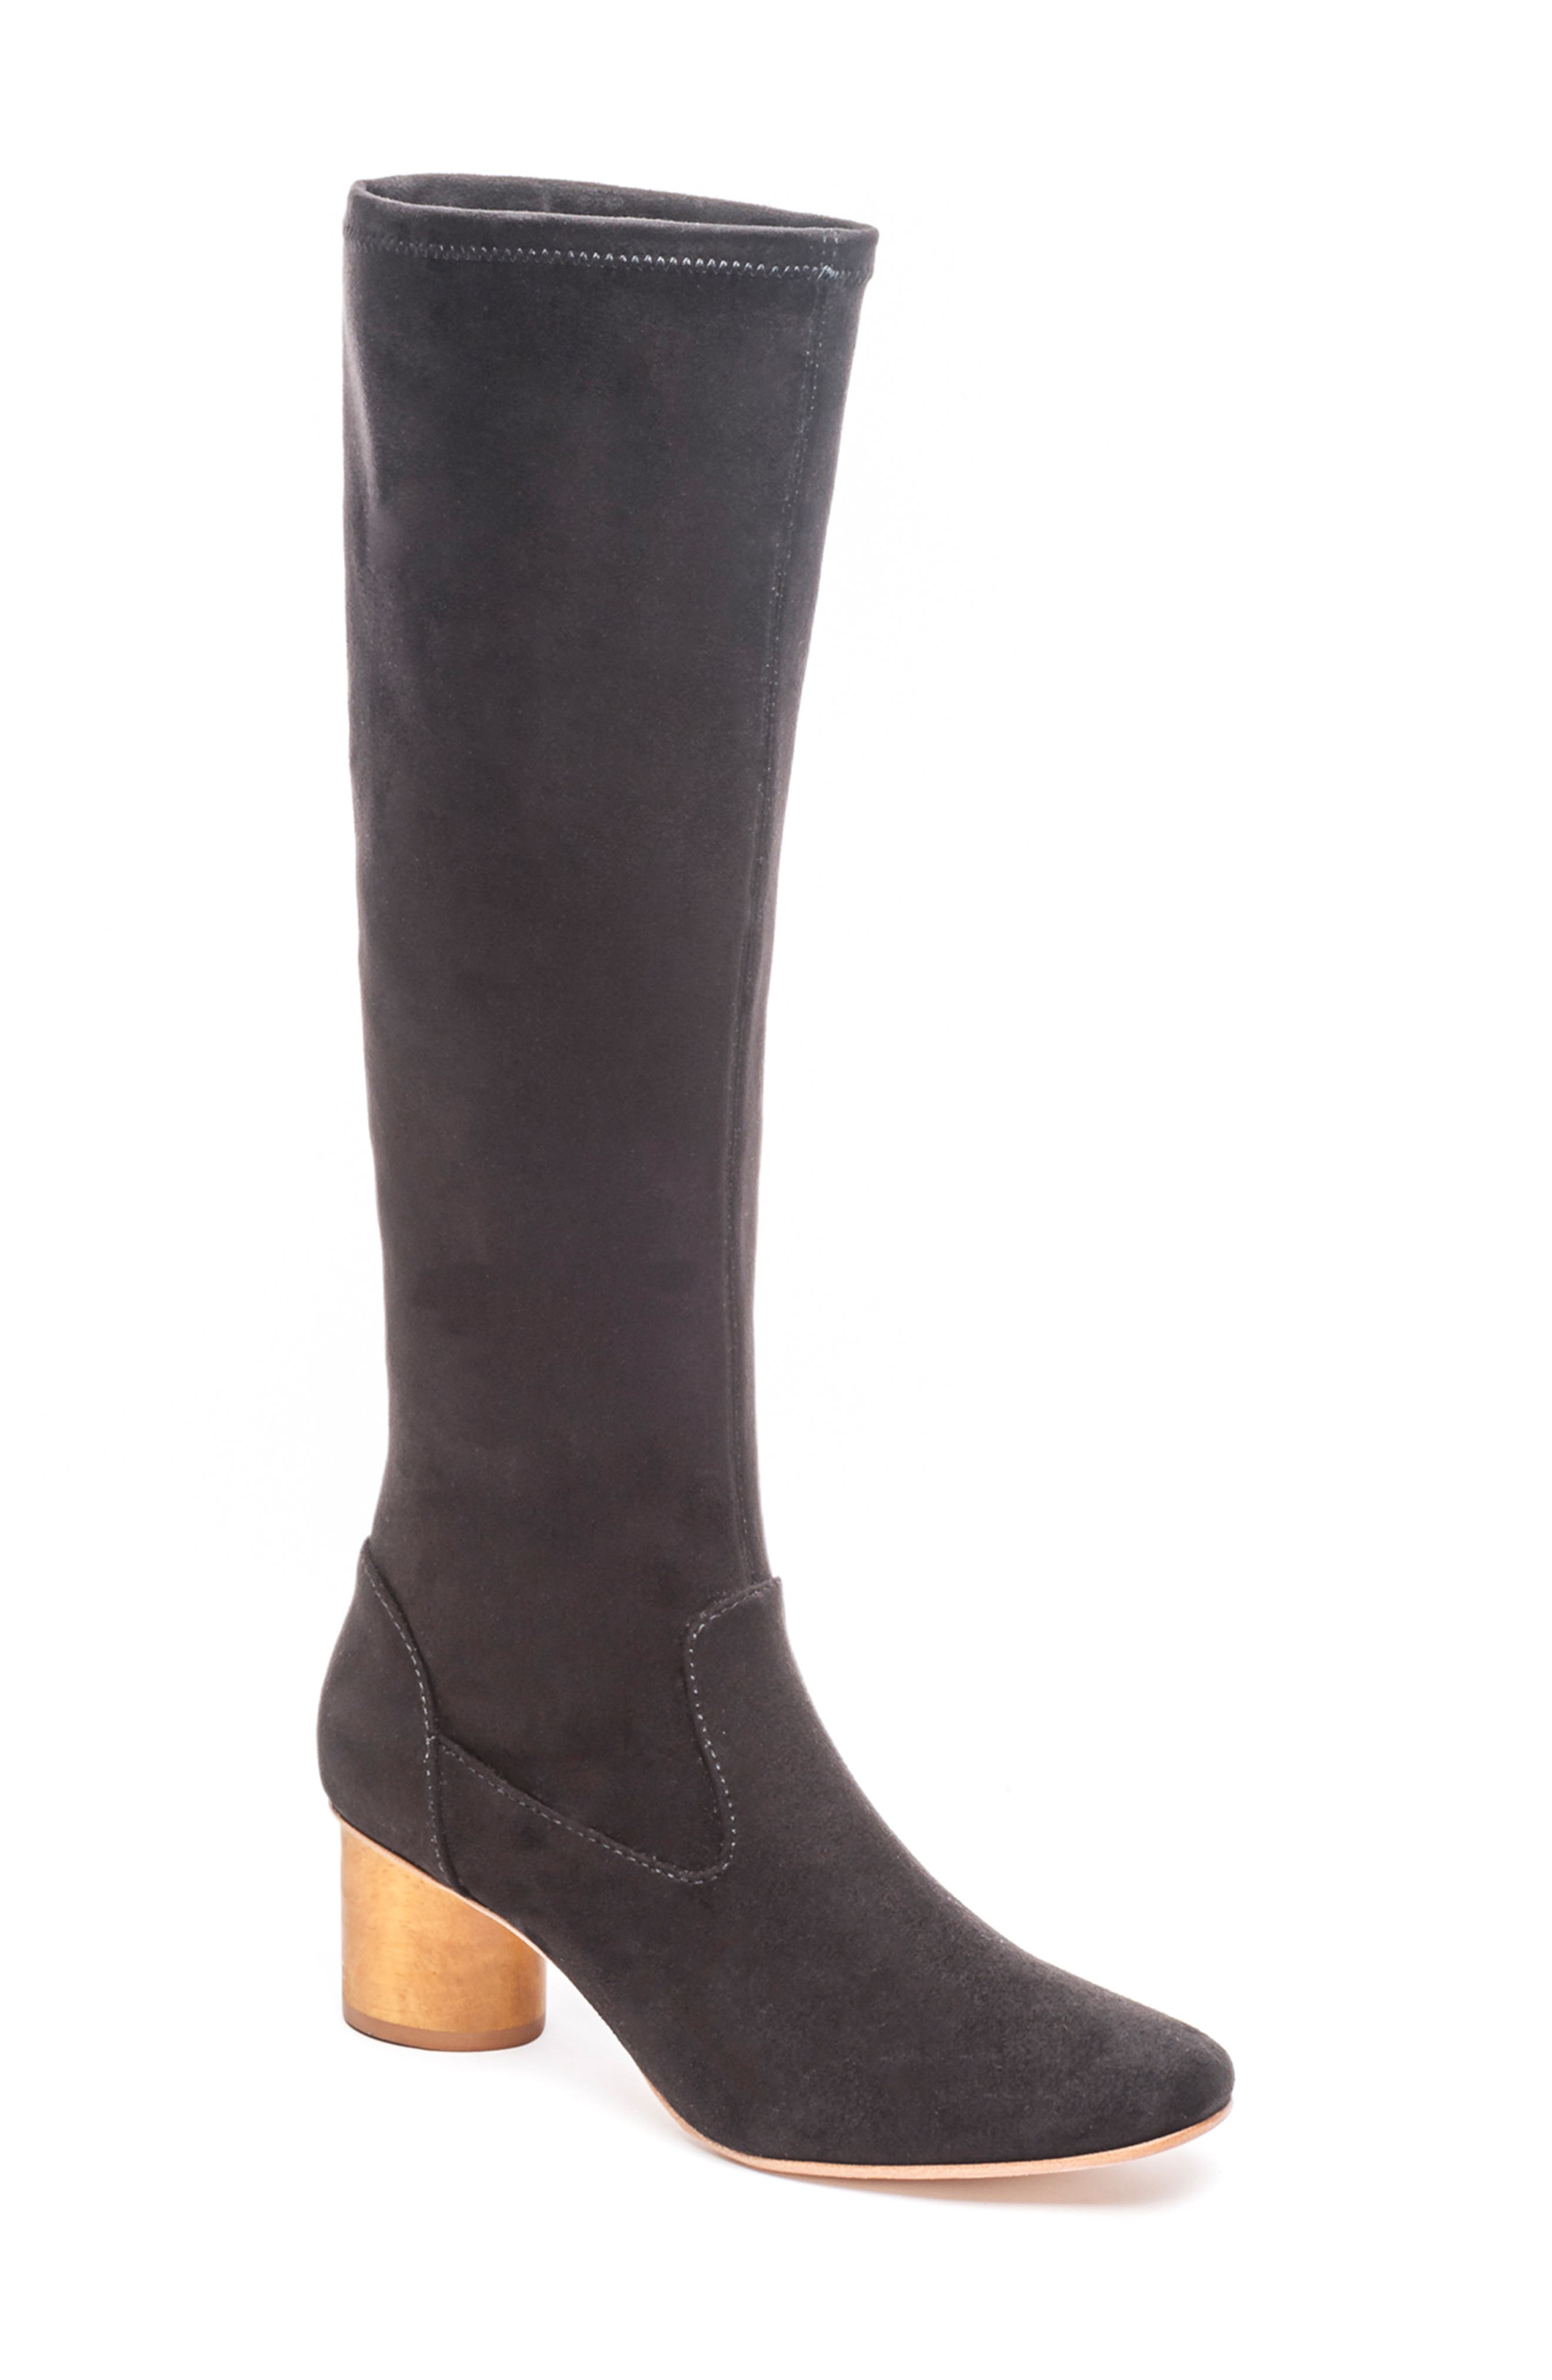 0e39d89e97b5 Women s Bernardo Boots